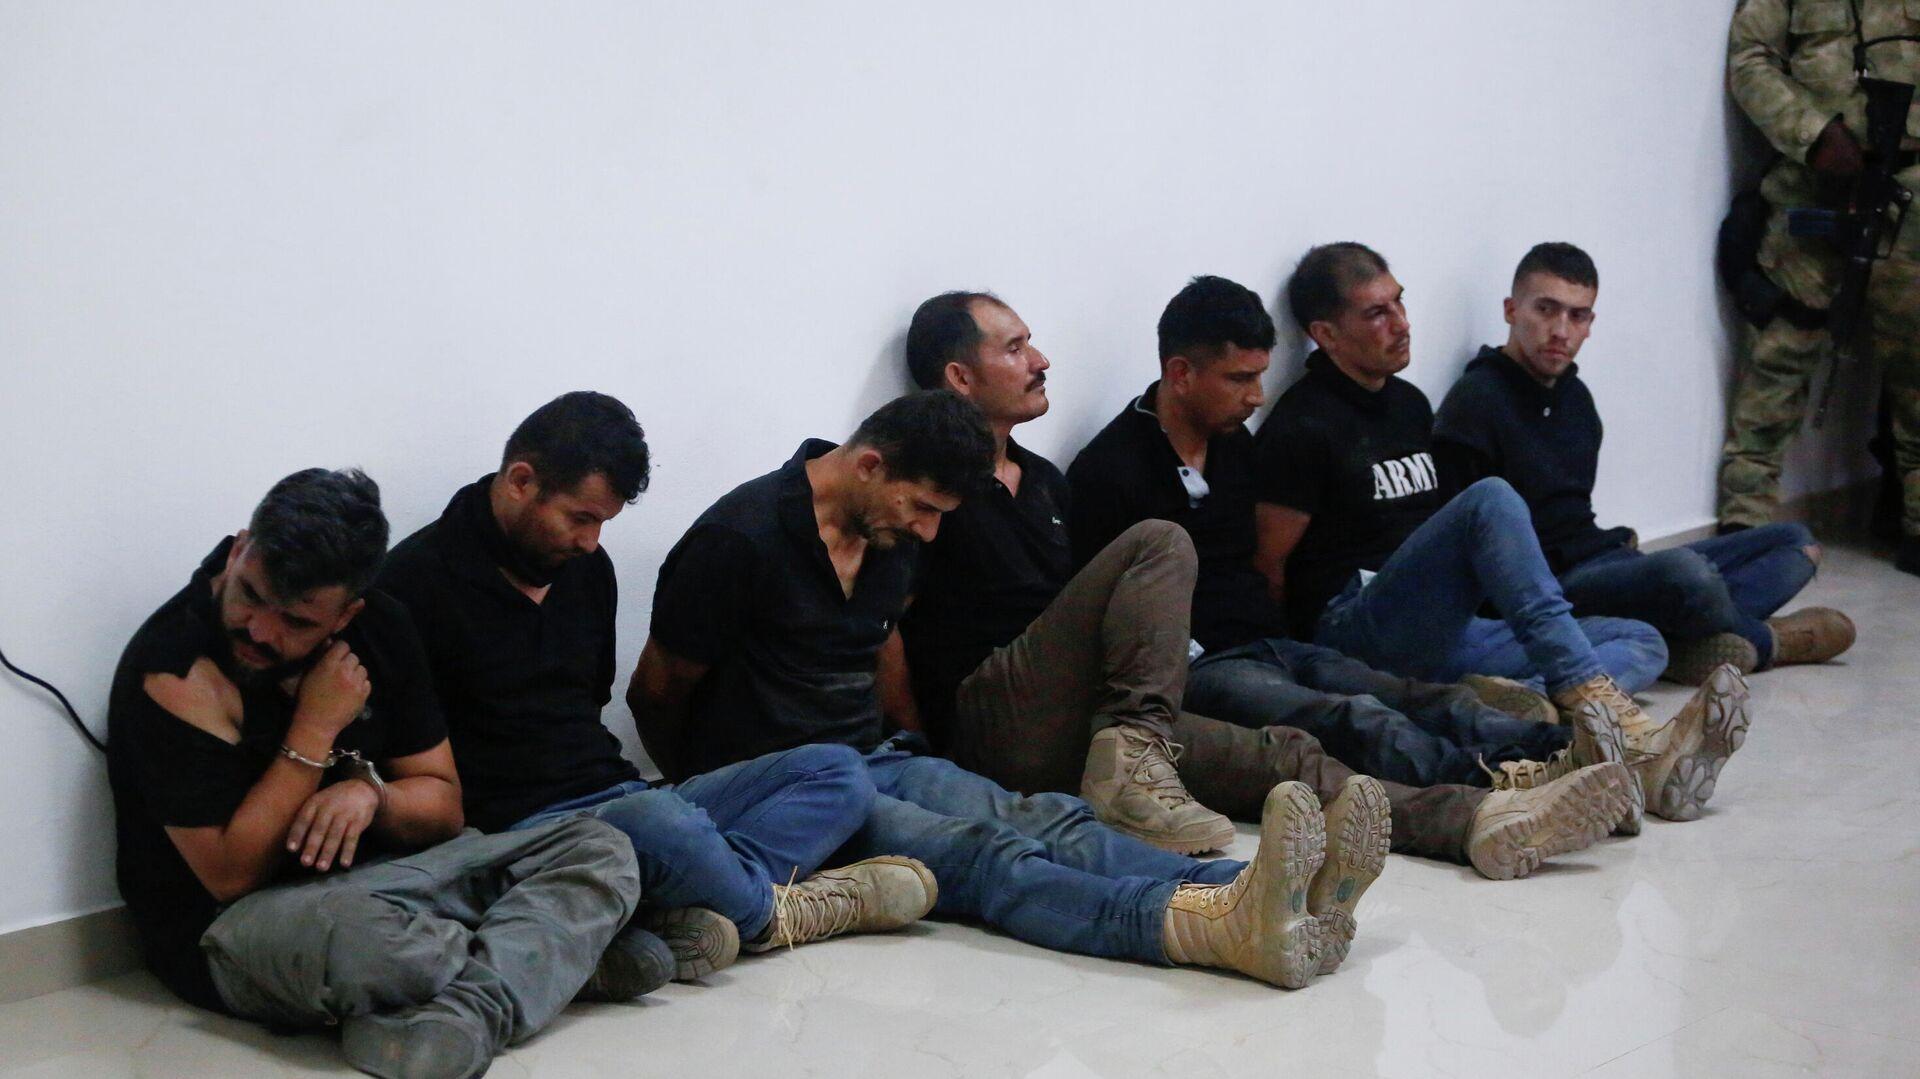 Американцы, задержанные в Гаити по делу об убийстве президента страны Жовенеля Моиза - РИА Новости, 1920, 09.07.2021